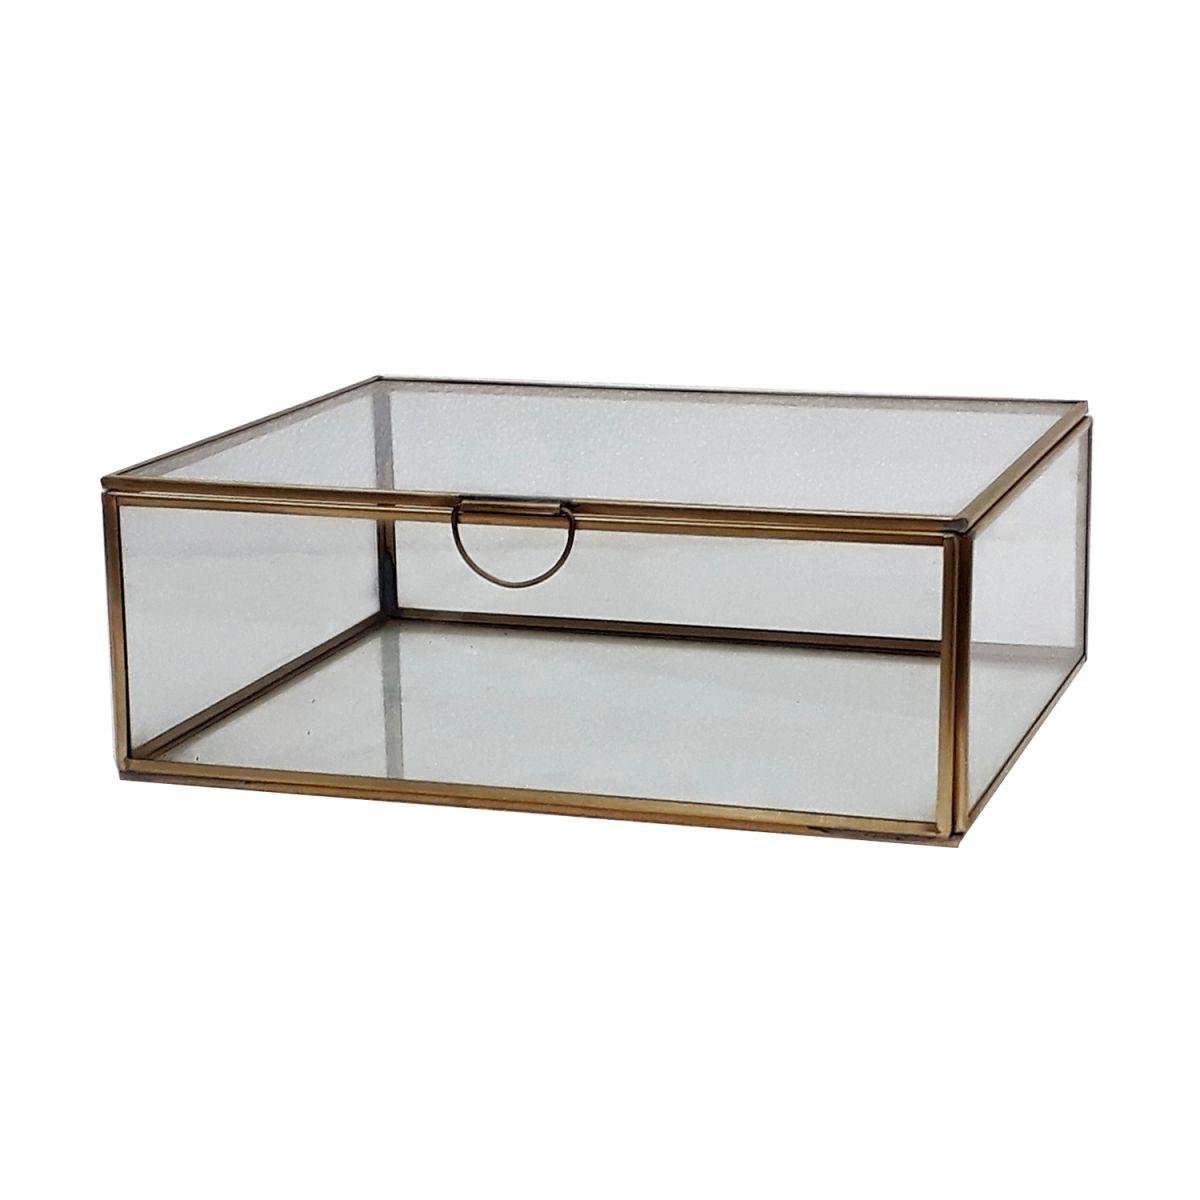 opbergdoosje rechthoek met messing en glas 335x21x95cm